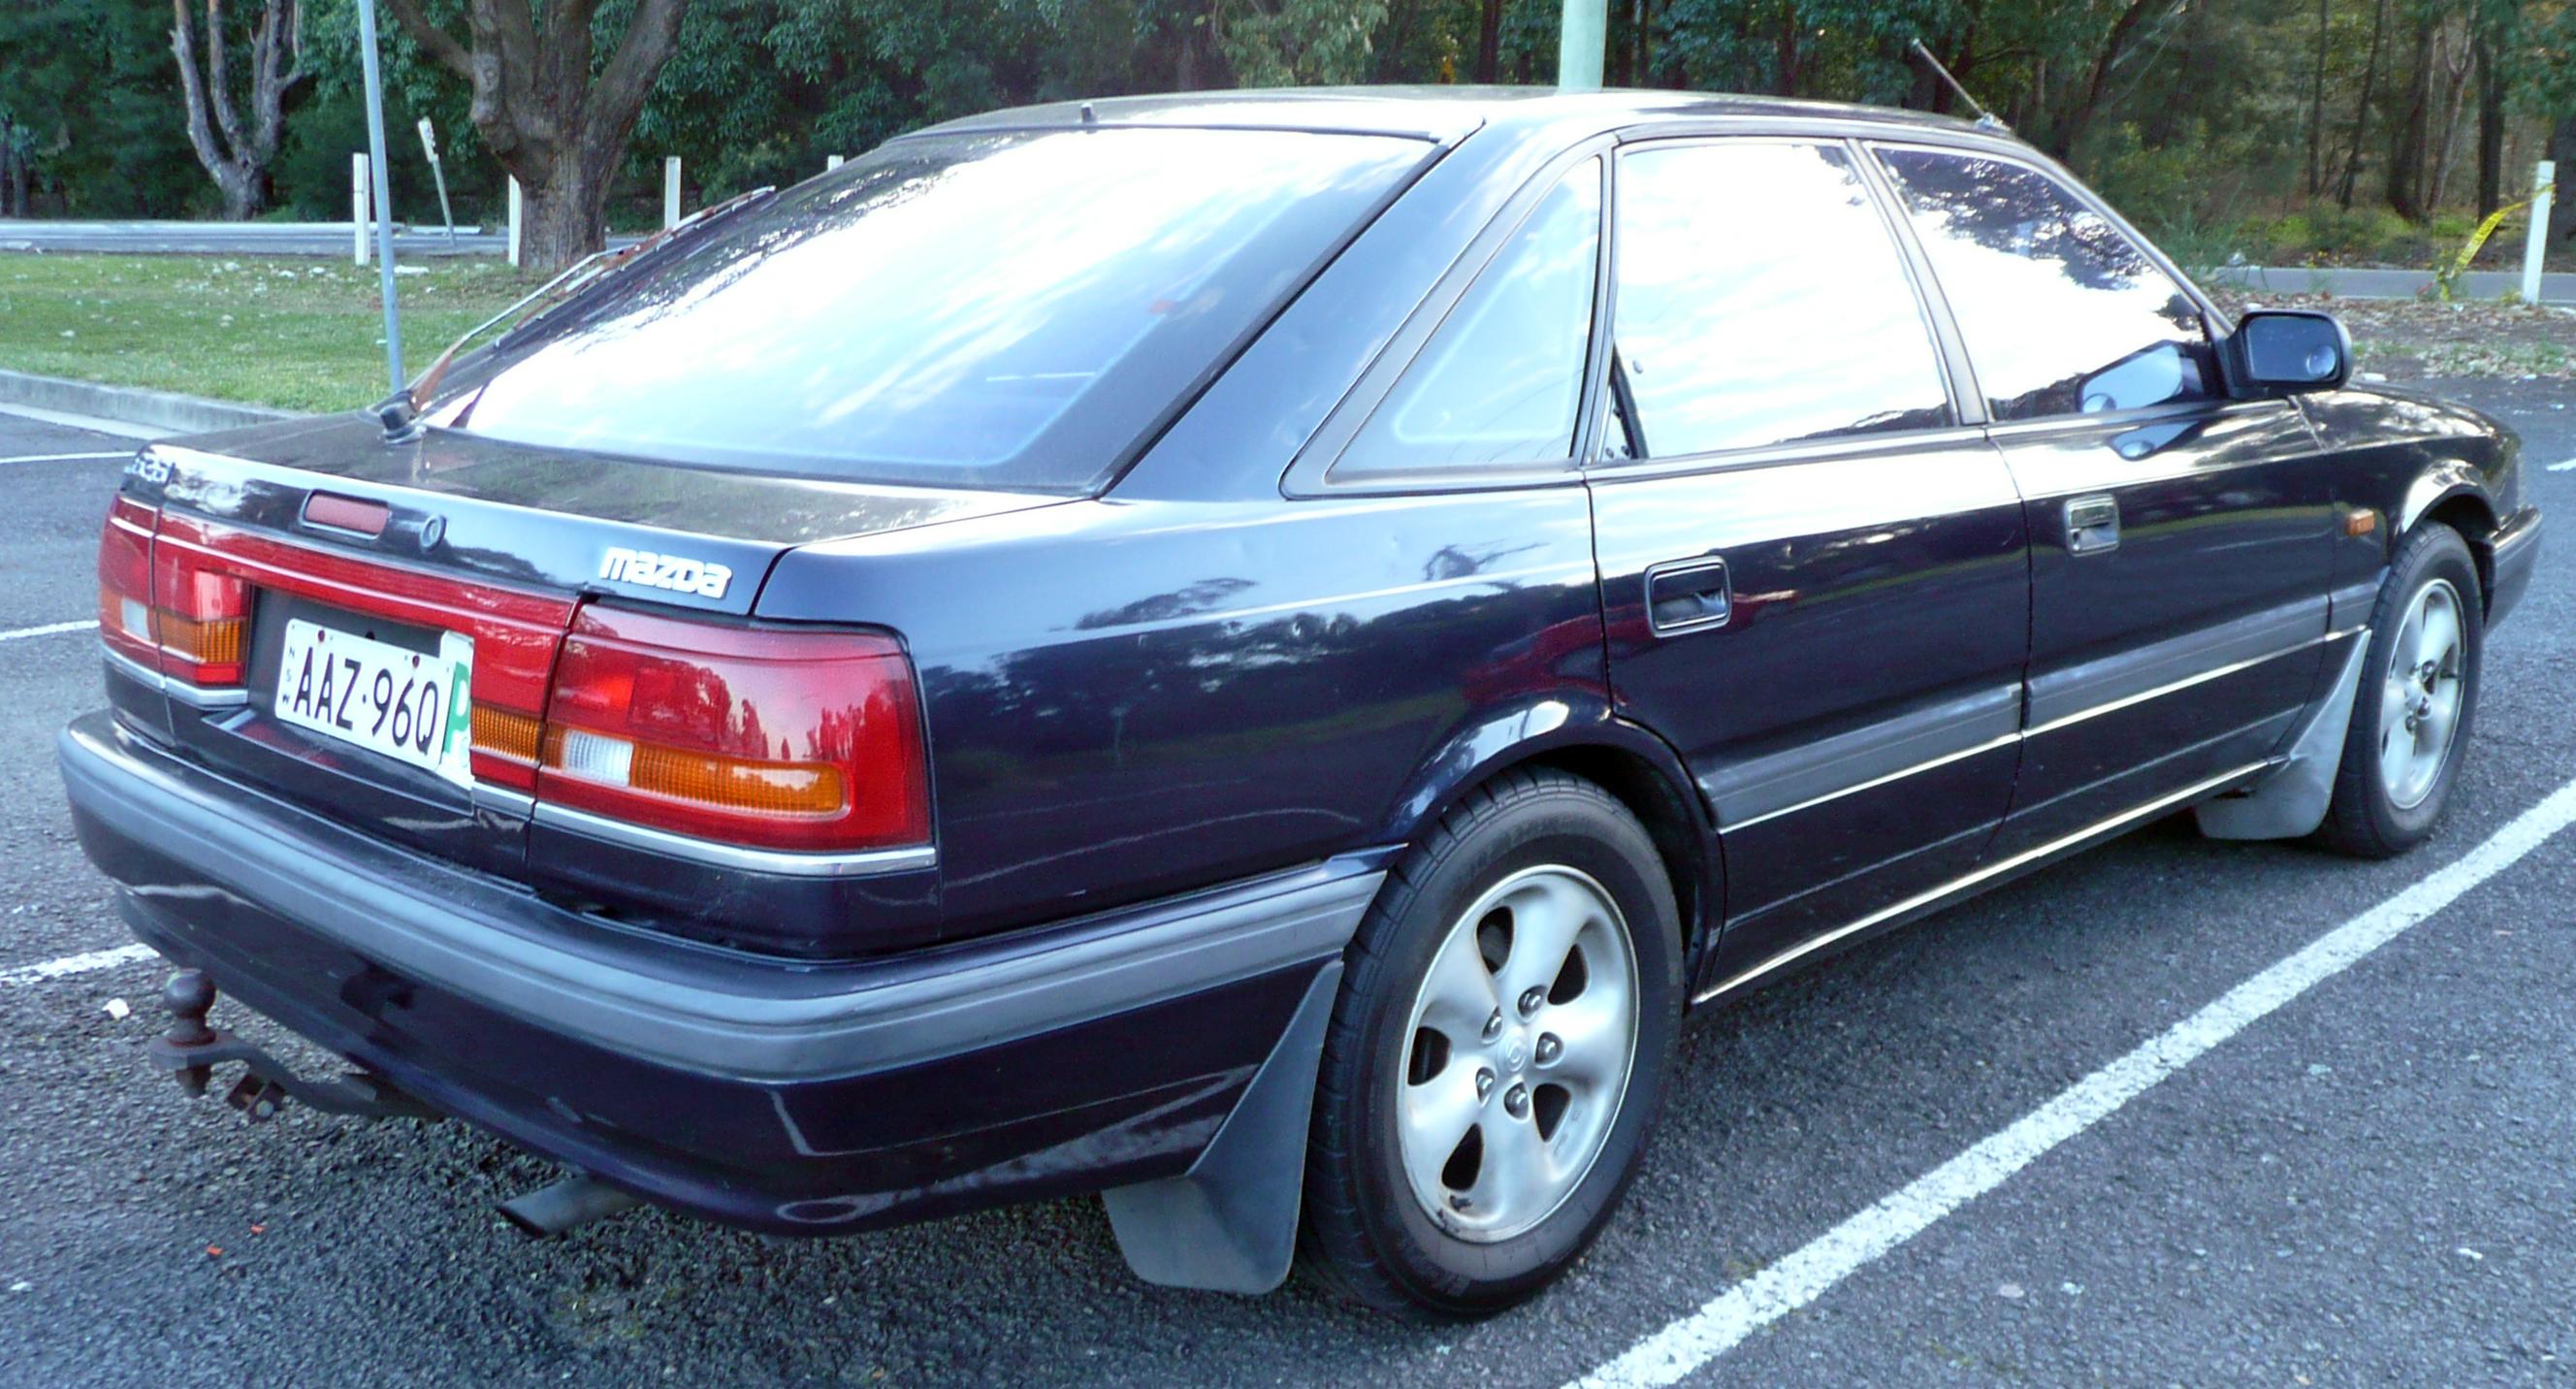 File:1990-1991 Mazda 626 (GD Series 2) 2.2i hatchback ...